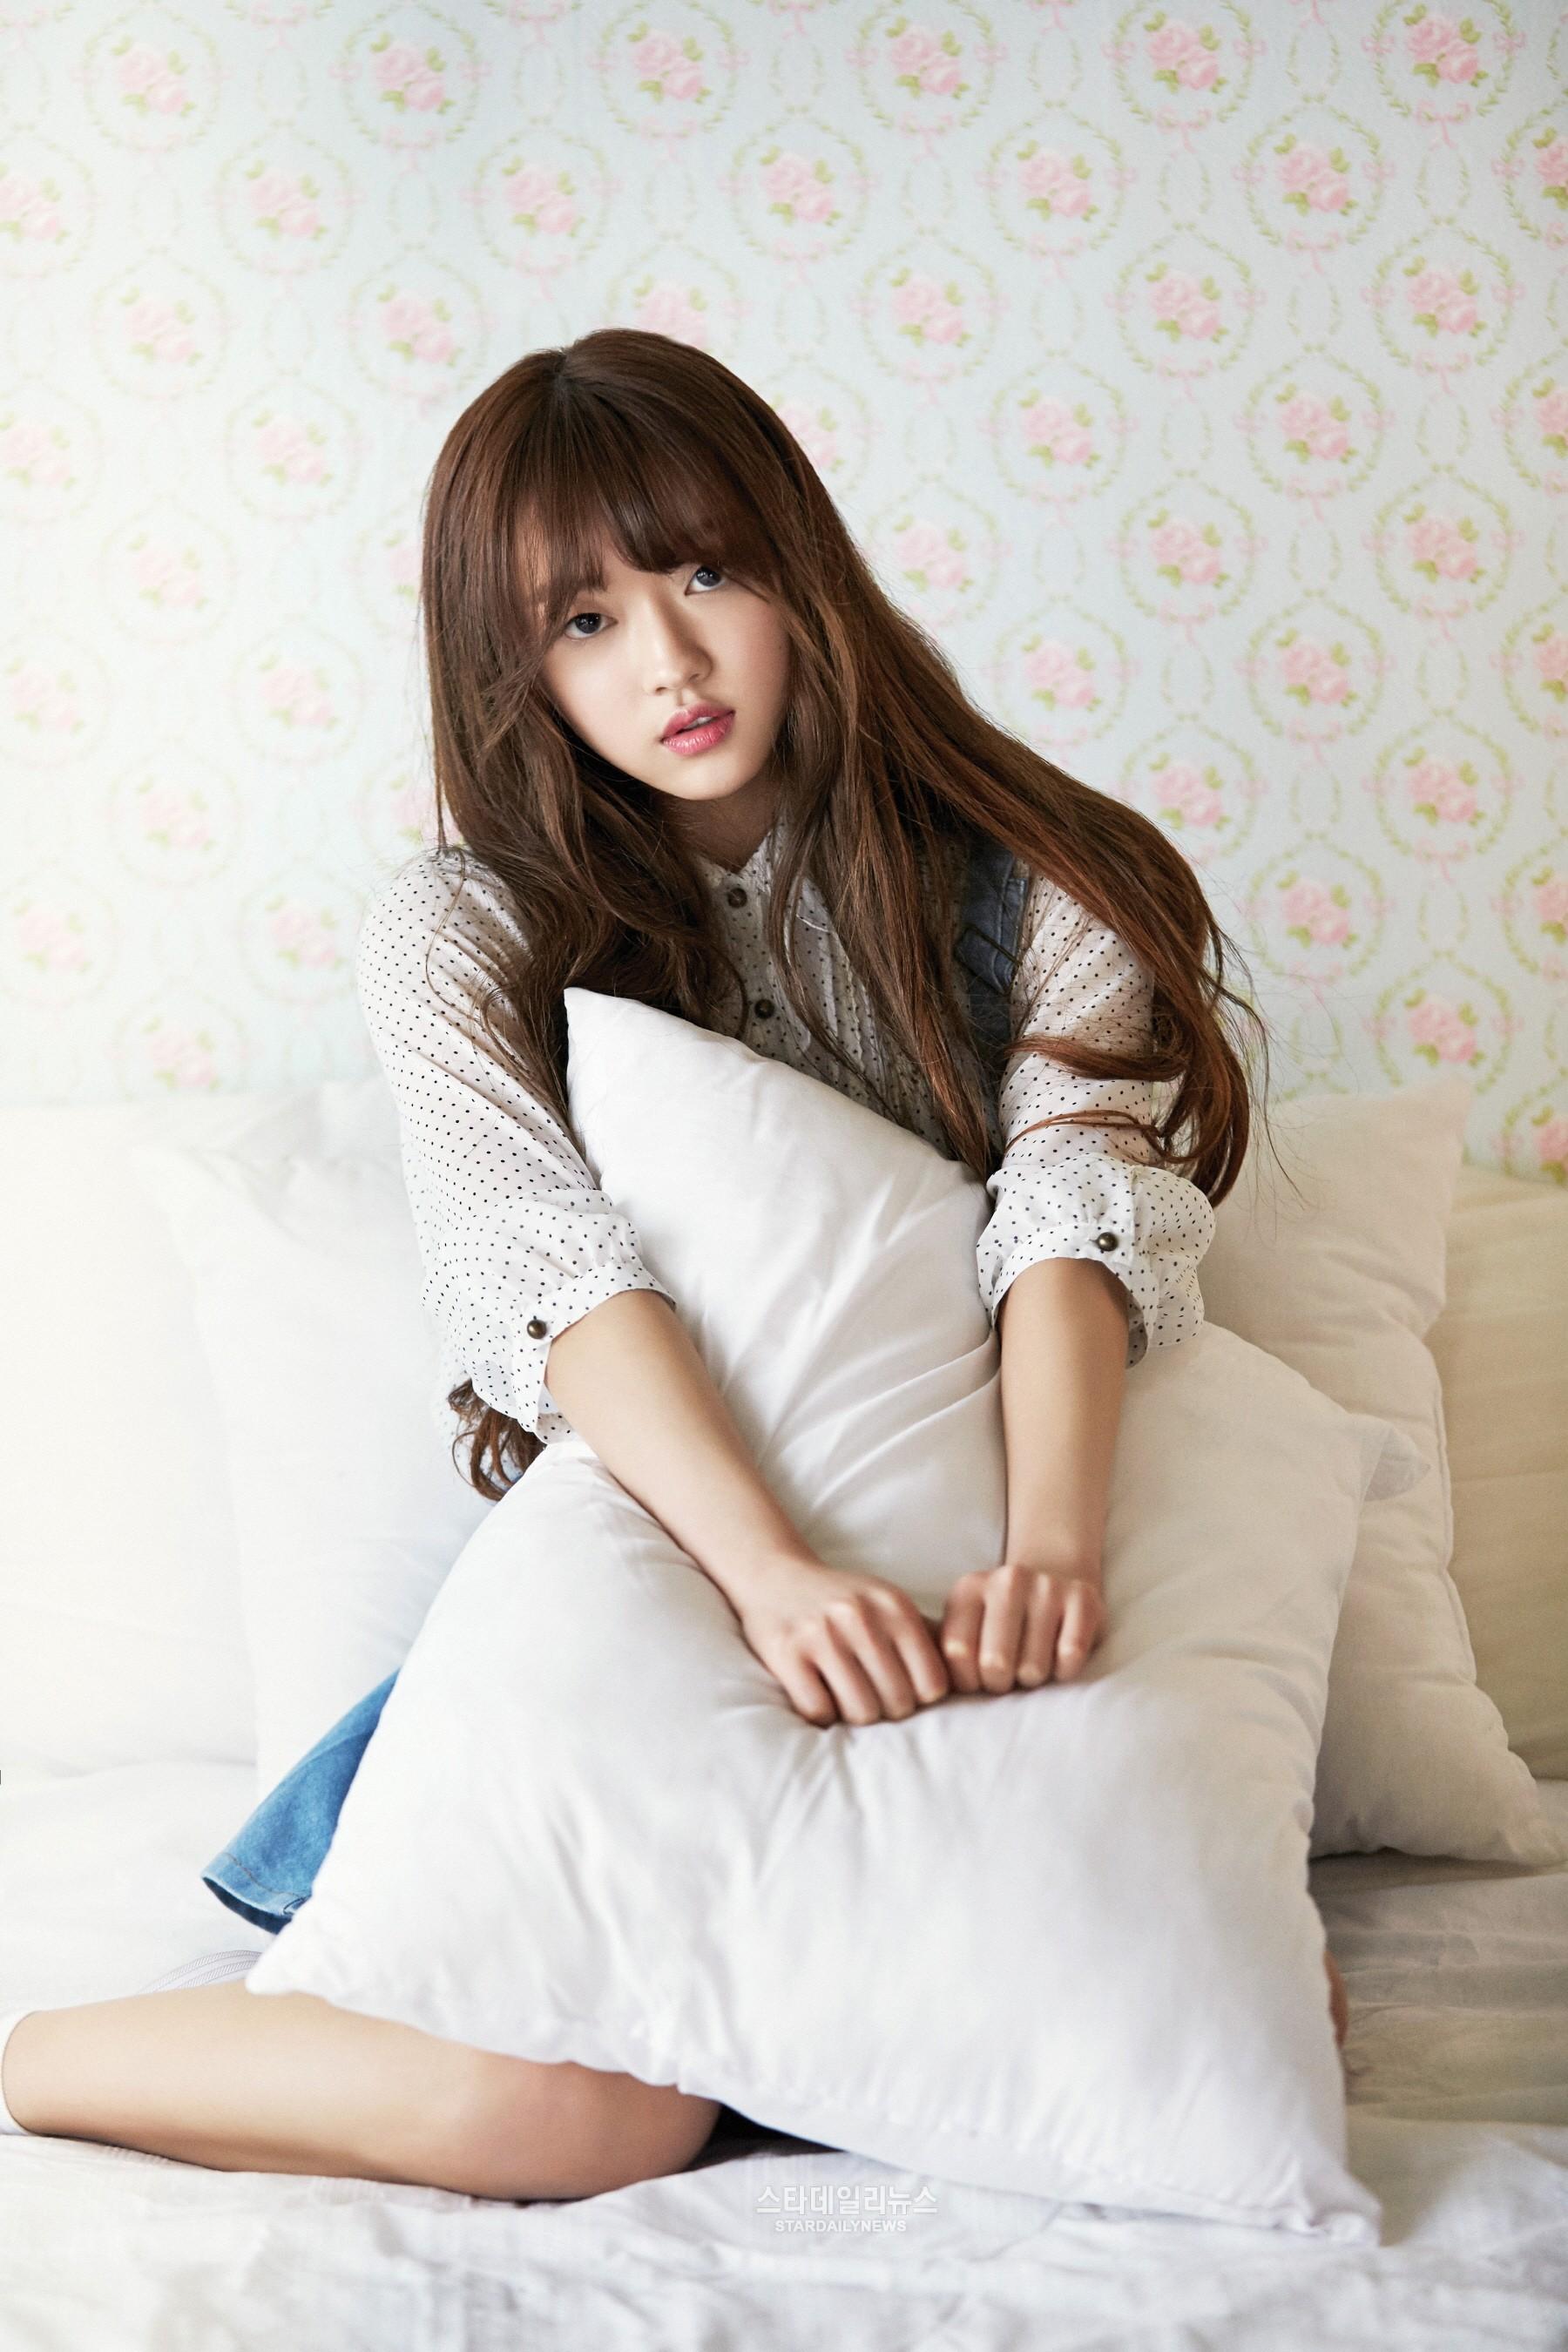 La agencia de Oh My Girl responde a la controversia sobre la escolarización de YooA